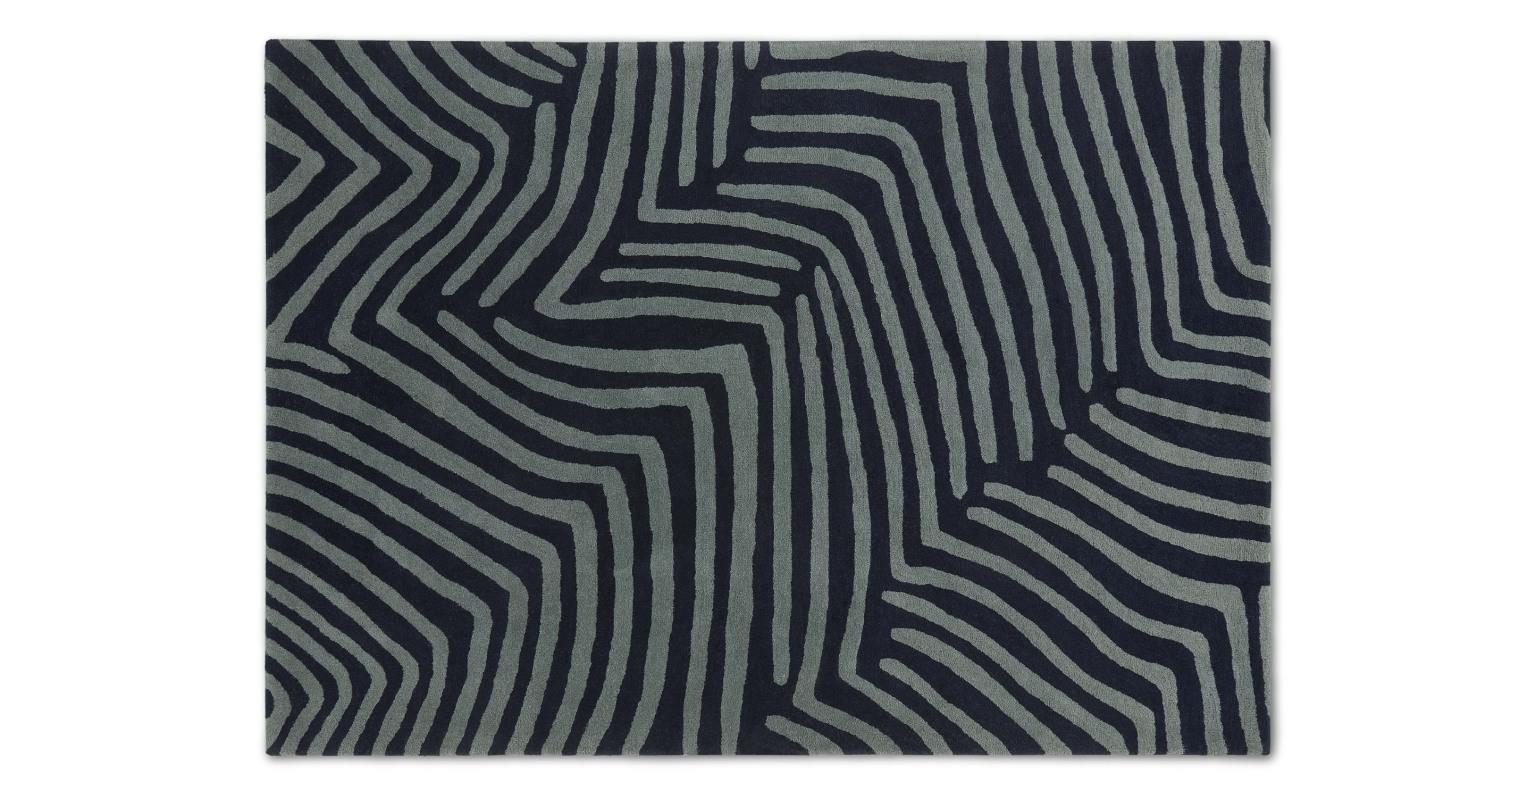 Alfombra de lana anudada a mano Larkin, grande, 160 x 230 cm, azul pizarra y medianoche